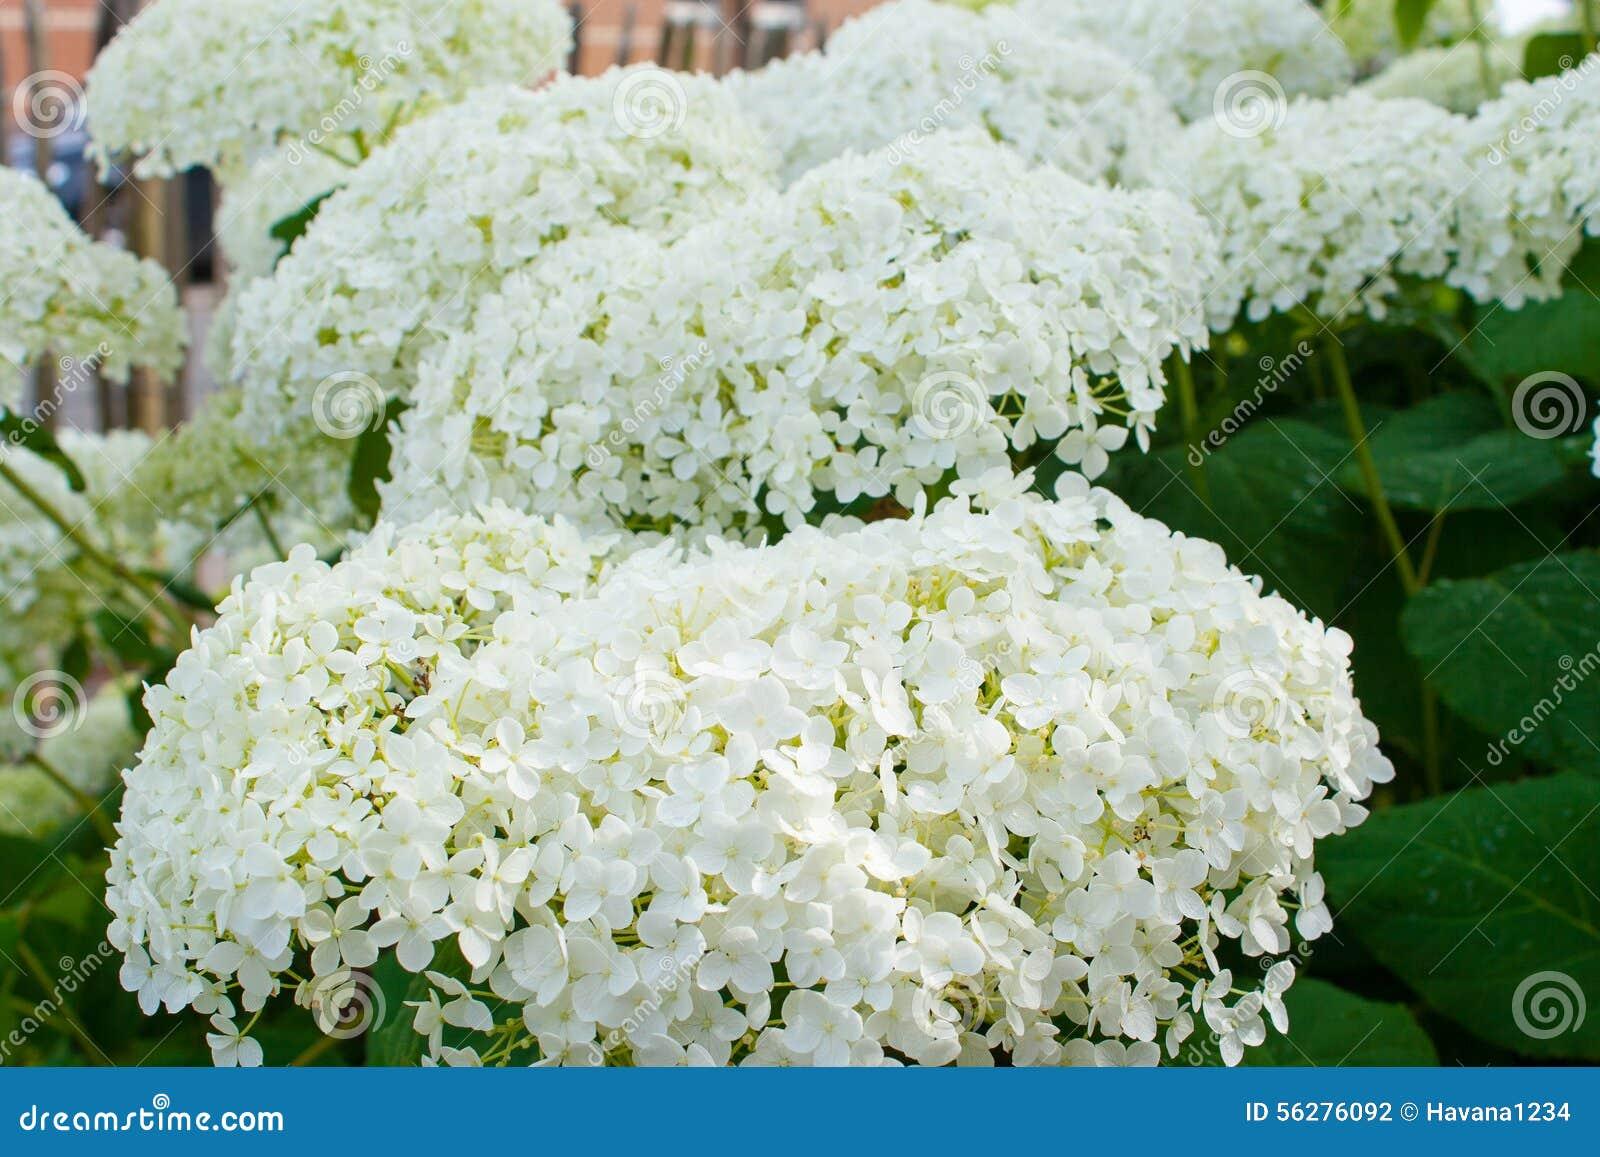 fleurs blanches d 39 t de boules d 39 annabelle d 39 arborescens d 39 hortensia photo stock image 56276092. Black Bedroom Furniture Sets. Home Design Ideas